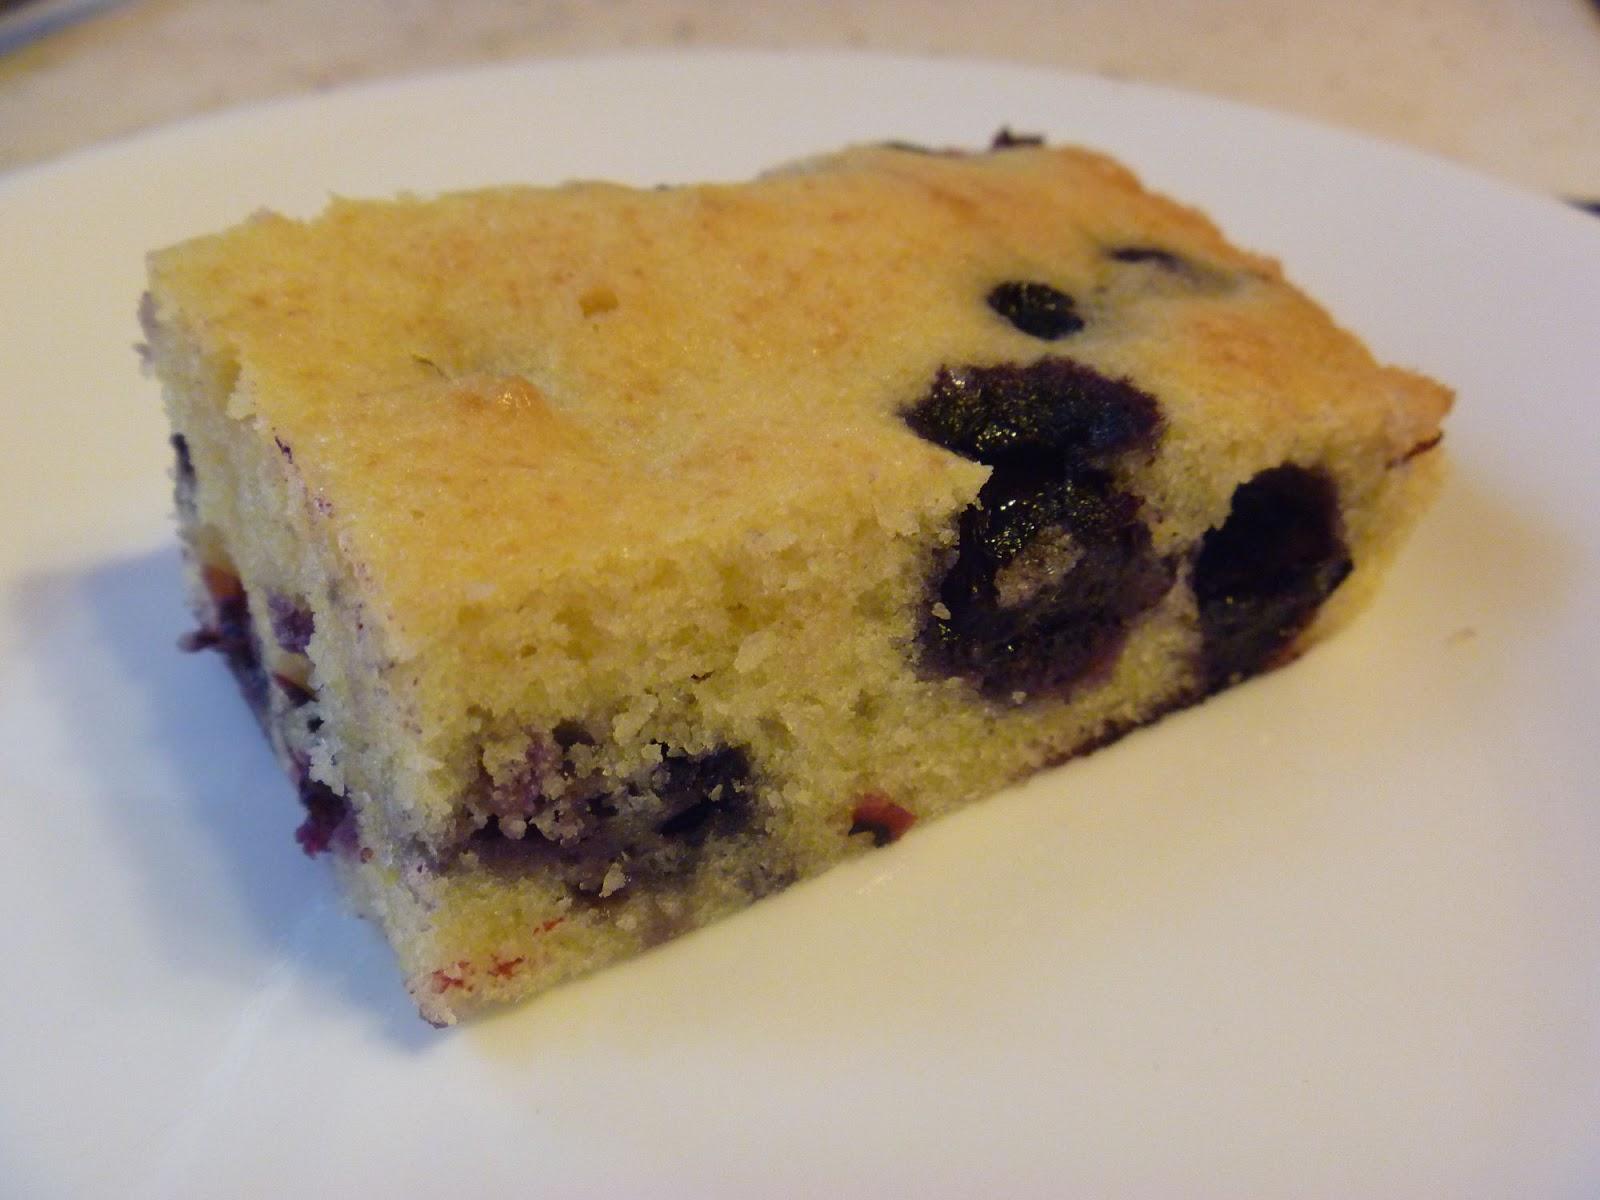 My Homemade Iowa Life: Blueberry muffin bars